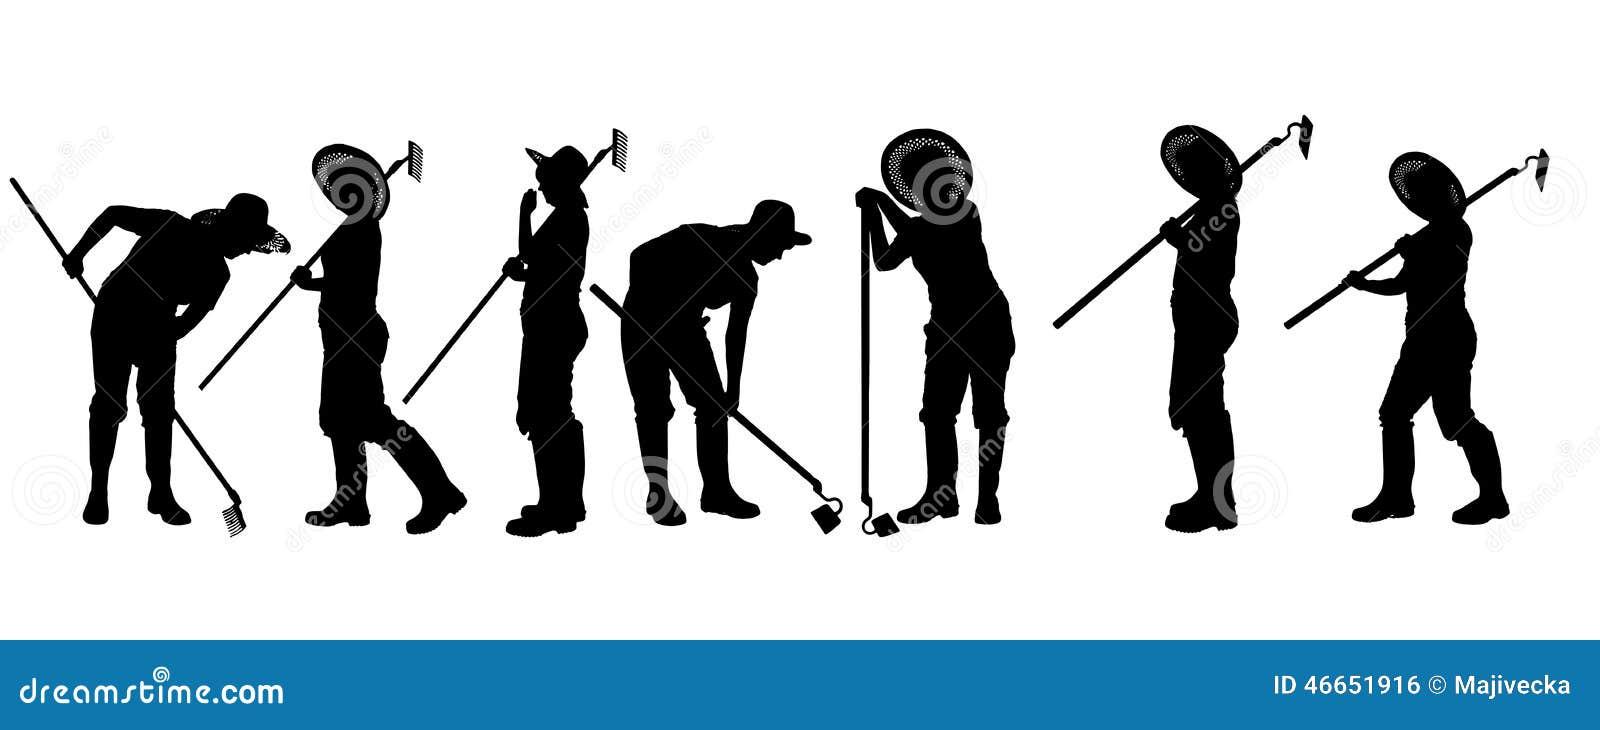 silhouette de vecteur d 39 un jardinier illustration de vecteur illustration du centrale. Black Bedroom Furniture Sets. Home Design Ideas